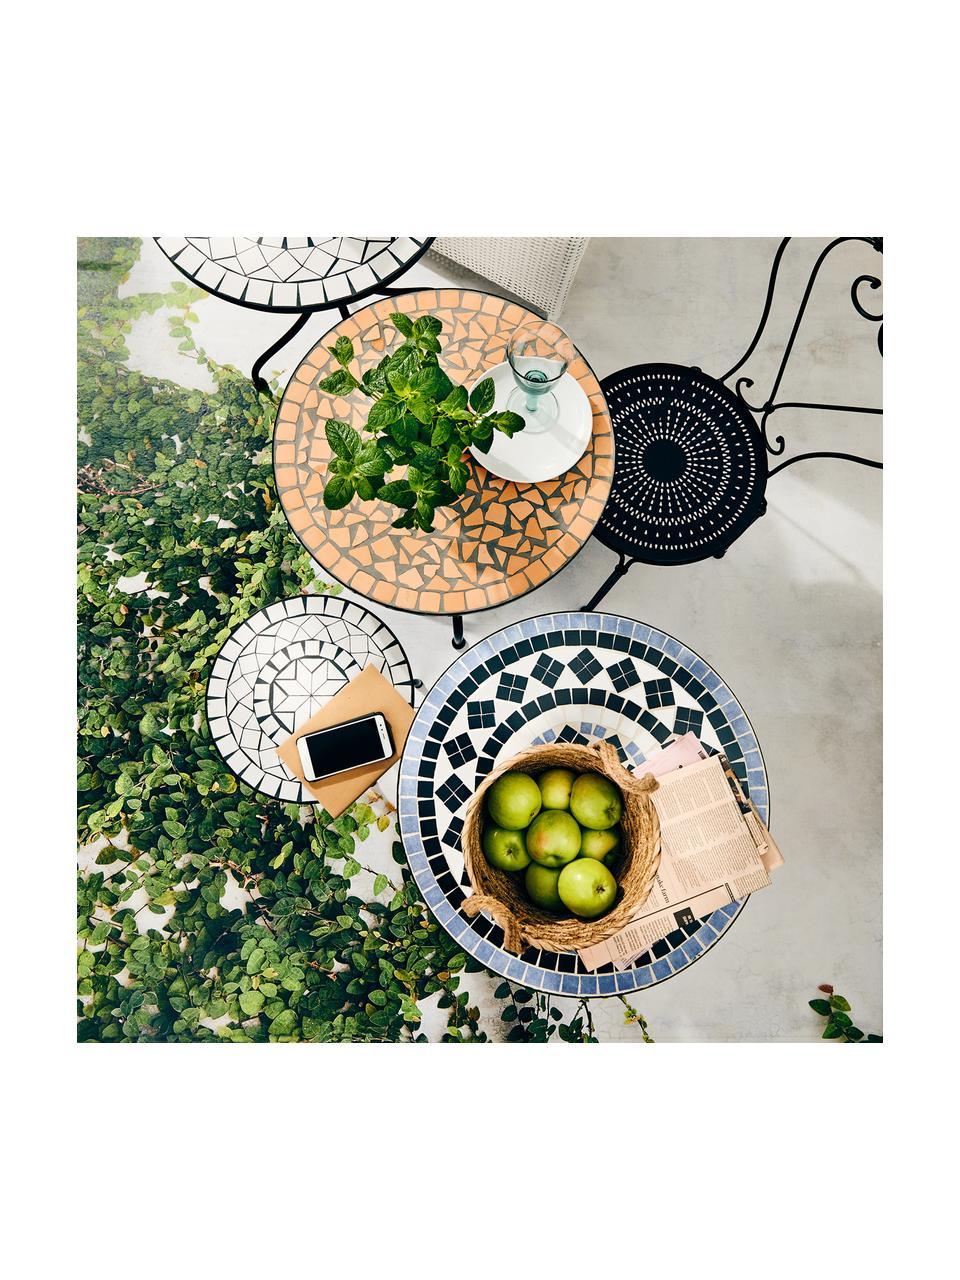 Garten-Beistelltisch Palazzo mit Mosaik, Tischplatte: Keramik-Mosaiksteine, Beine: Metall, pulverbeschichtet, Weiß, Schwarz, Ø 35 x H 54 cm